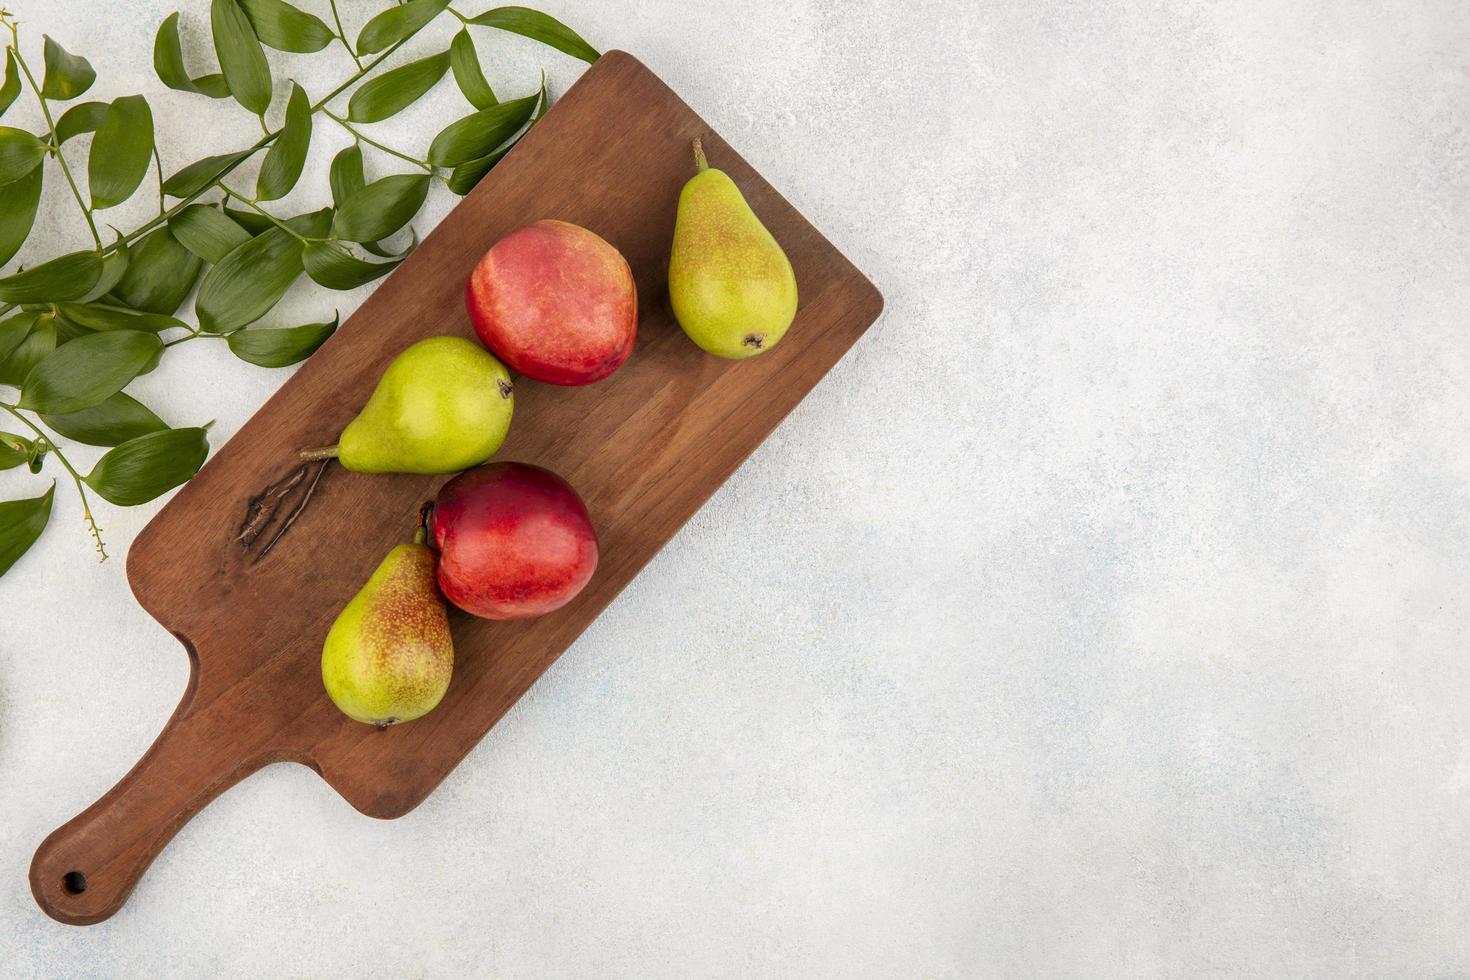 frutta assortita sul tagliere e sfondo neutro foto